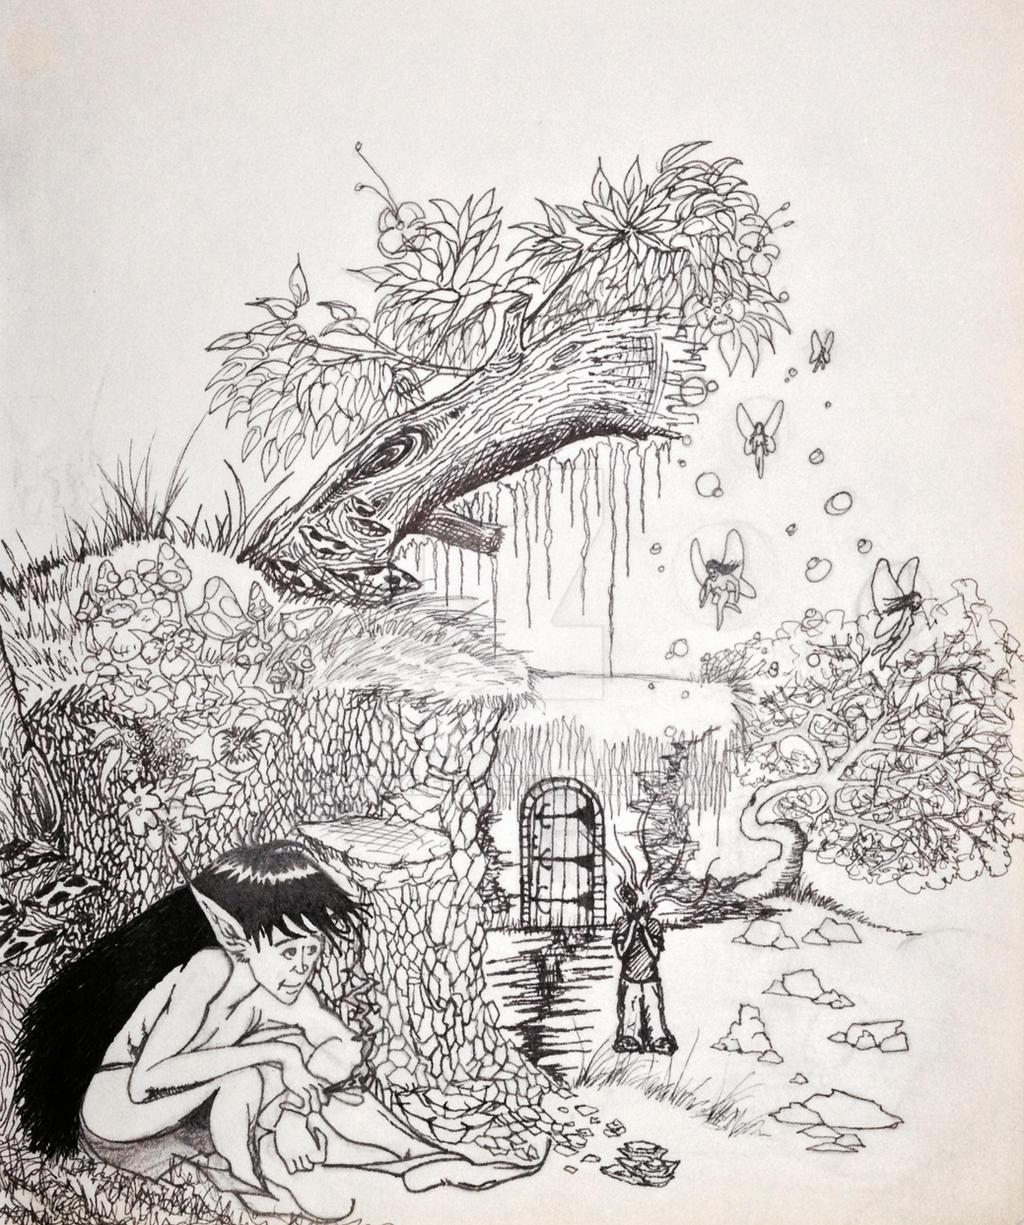 Fairy Dust by Apoklepz